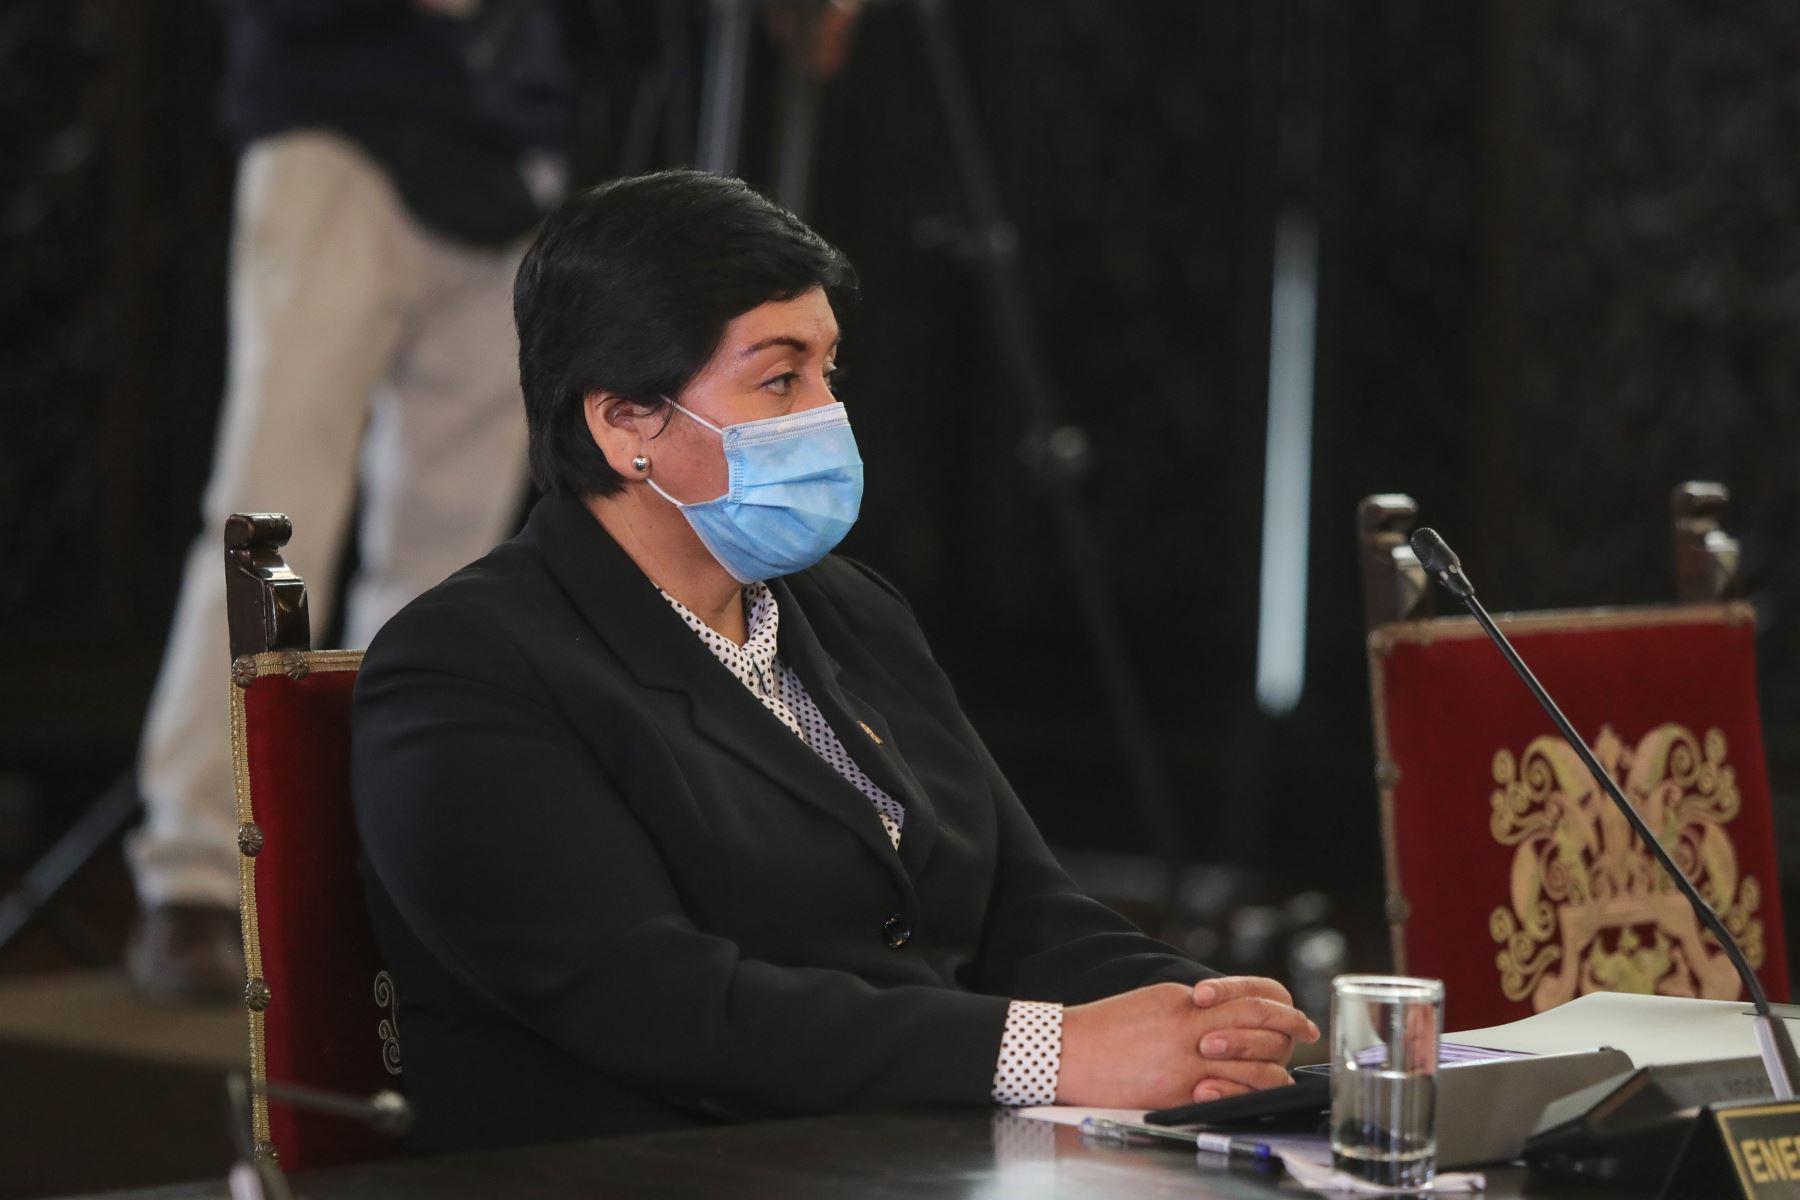 Ministra de Energía y Minas, Susana Vilca  acompaña al  jefe de Estado, Martín Vizcarra  quien brinda un pronunciamiento a nivel nacional.  Foto: ANDINA/Prensa Presidencia